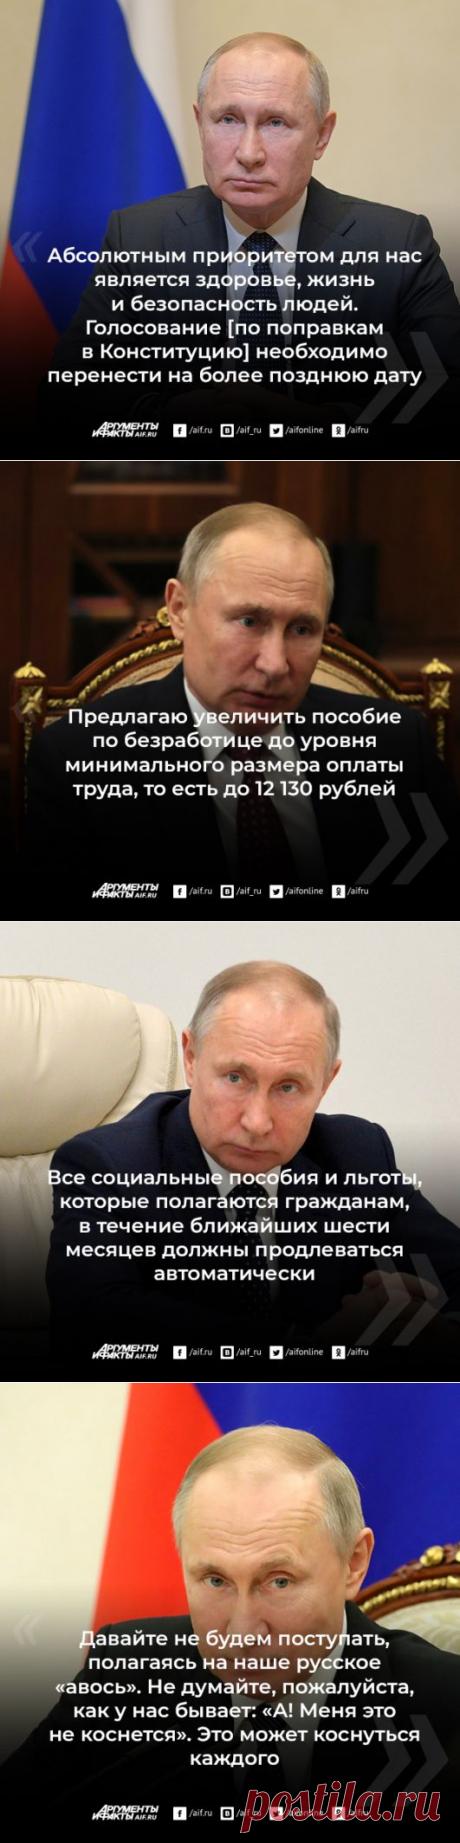 «Государство никого не бросит». Какие меры поддержки людей предложил Путин? | В России | Политика | Аргументы и Факты